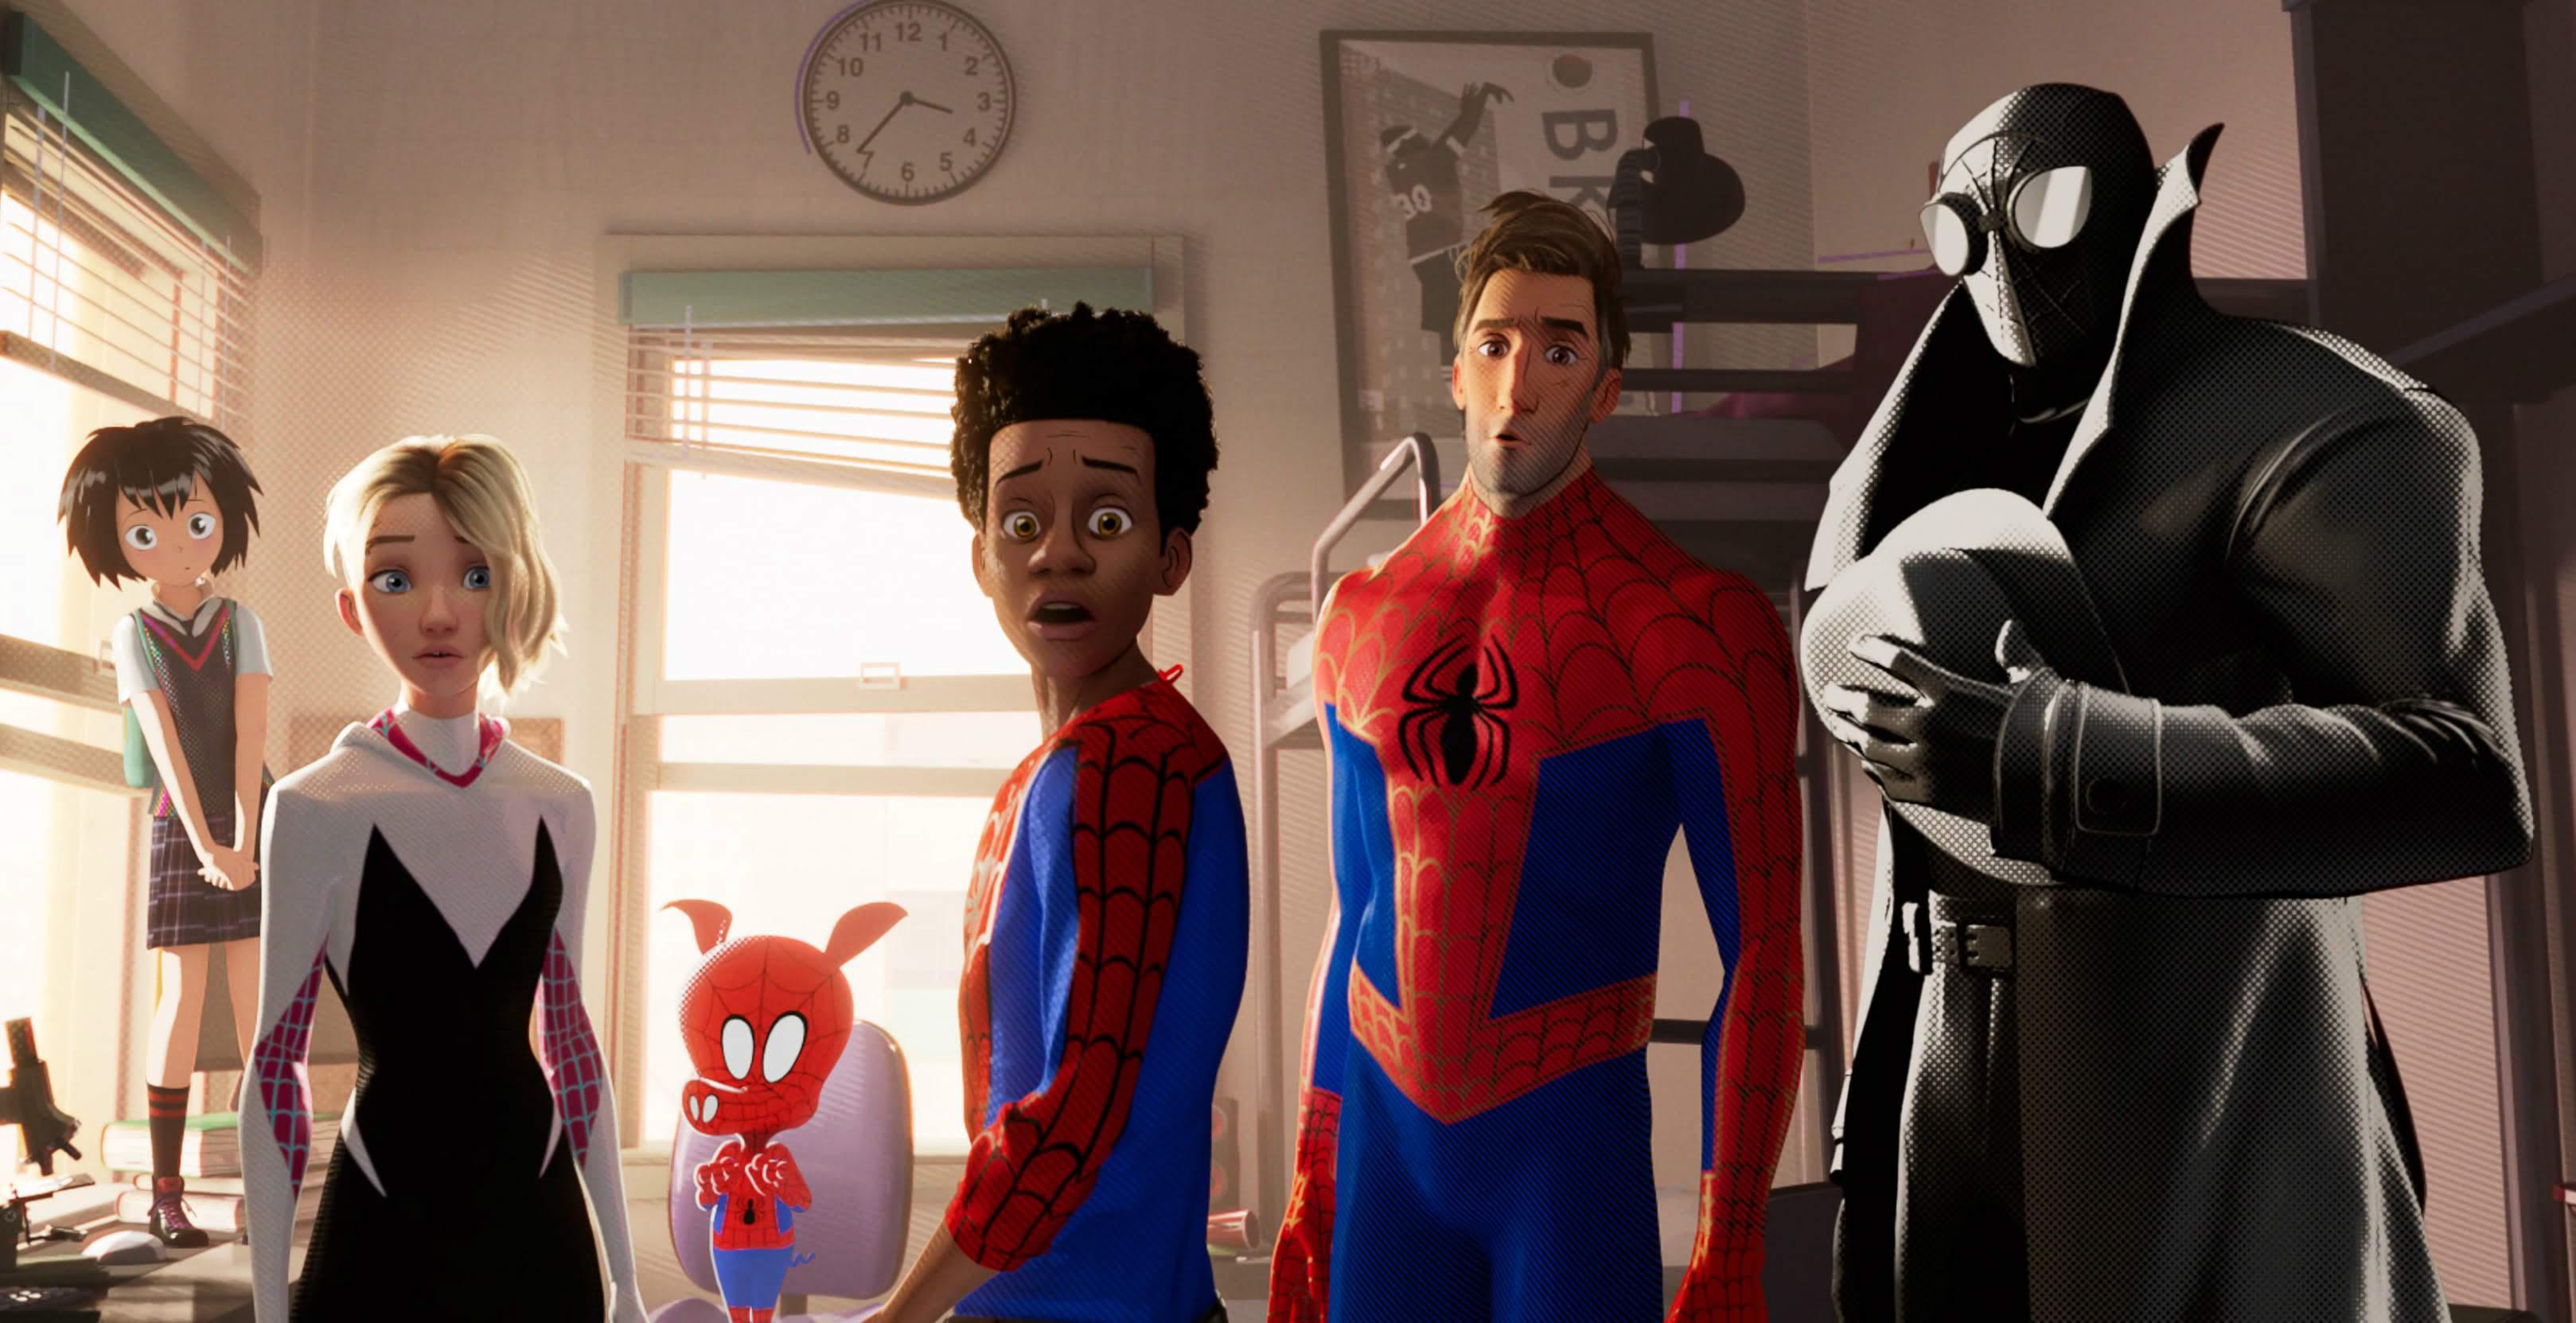 Box Office : 12月14日~16日の全米映画ボックスオフィスTOP5 - アカデミー賞受賞の最有力候補と目されるまでの高い評価を得た「スパイダーマン : イントゥ・ザ・スパイダーバース」が、純粋なアニメ作品としては、12月公開映画史上最高の封切り成績を記録する跳躍を果たした初登場第1位 ! !